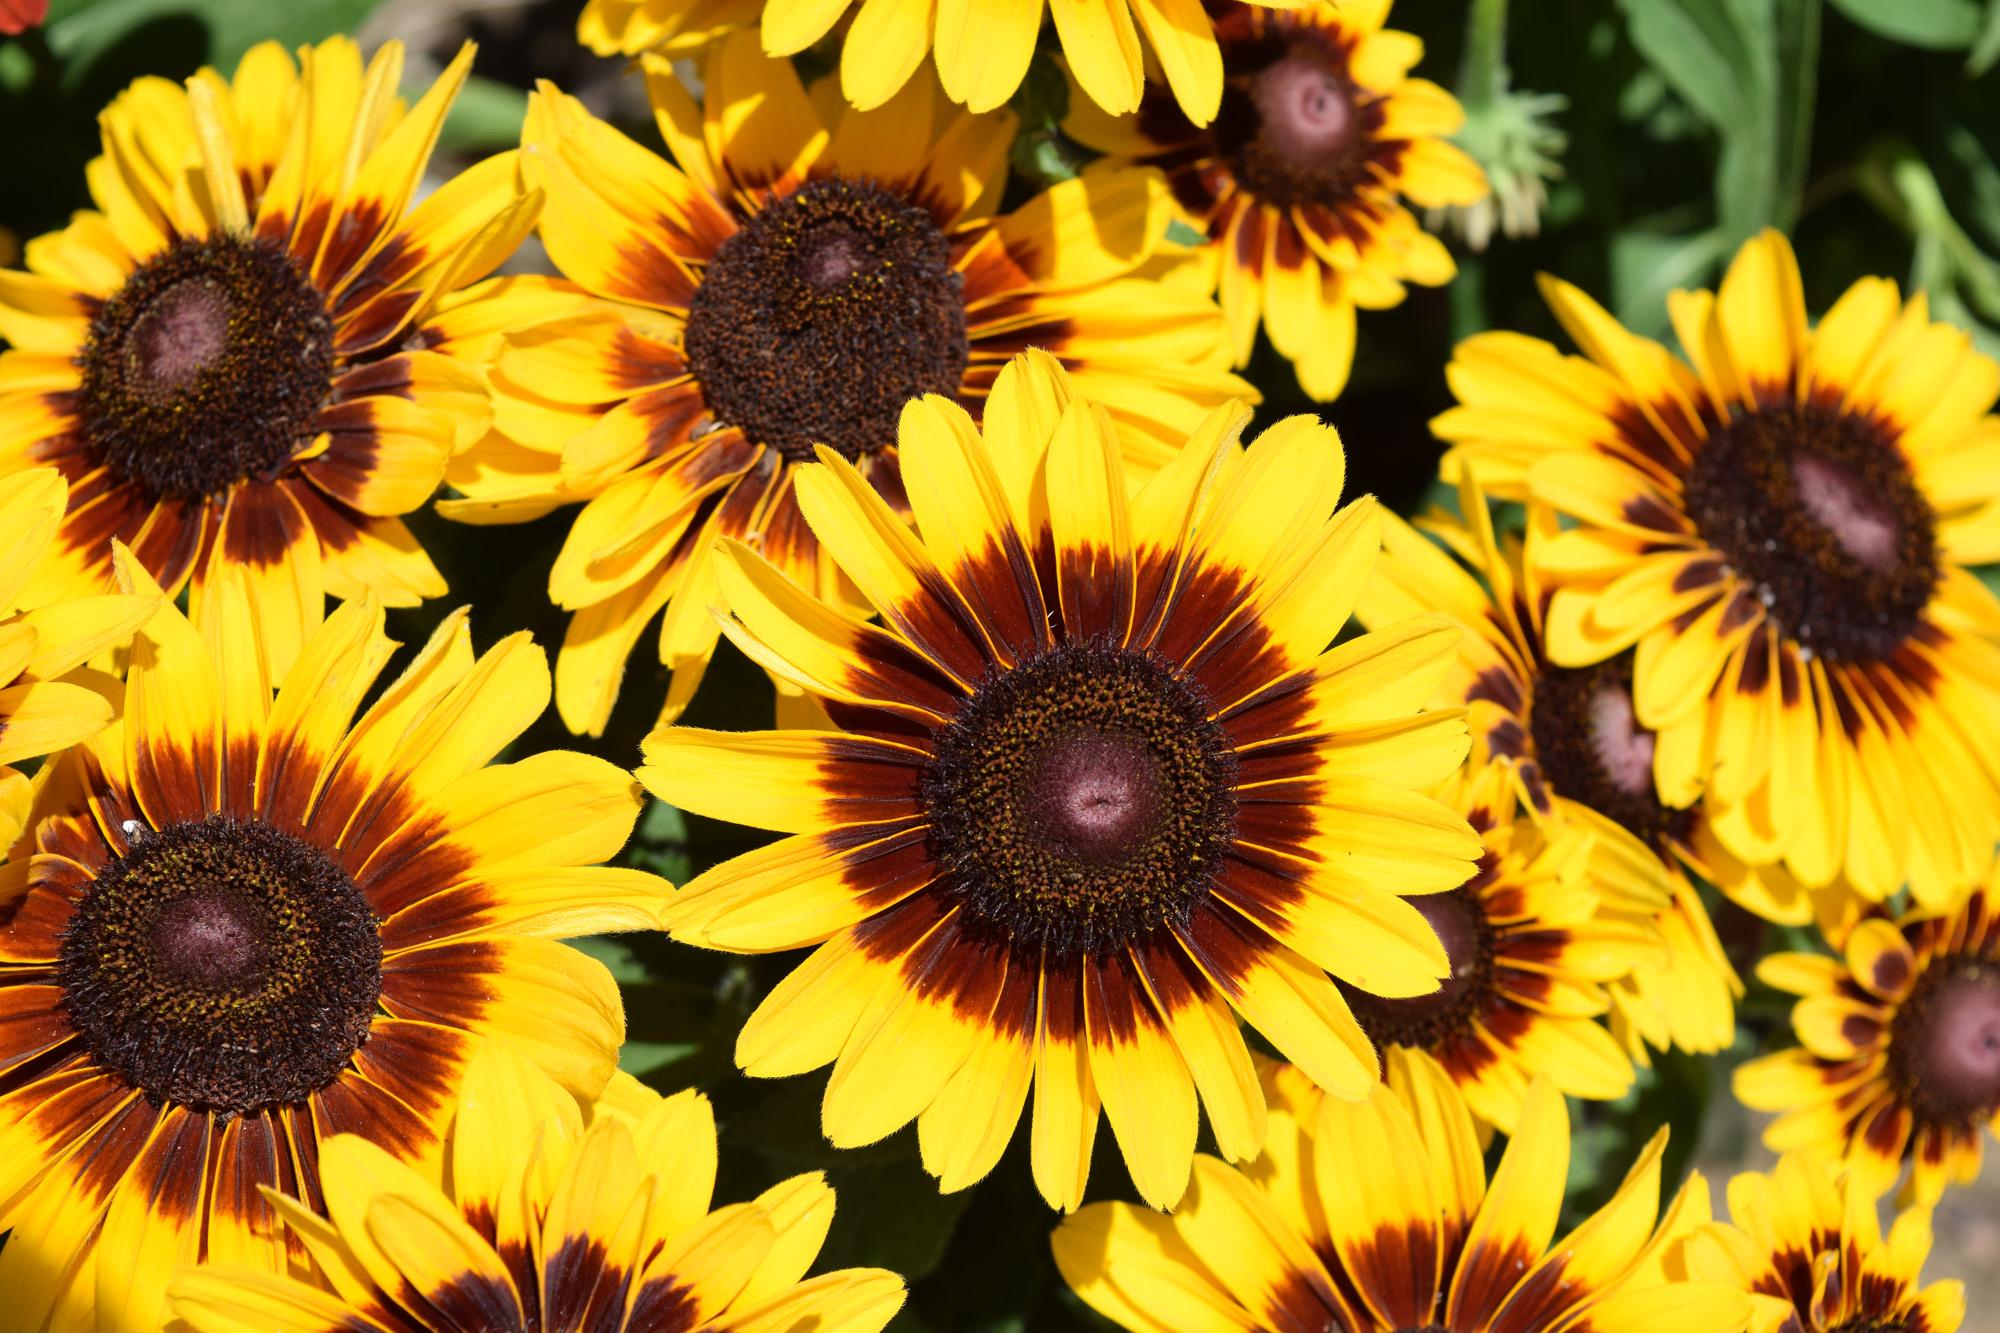 Denver daisy green lake nursery rudbeckia h denver daisy izmirmasajfo Image collections